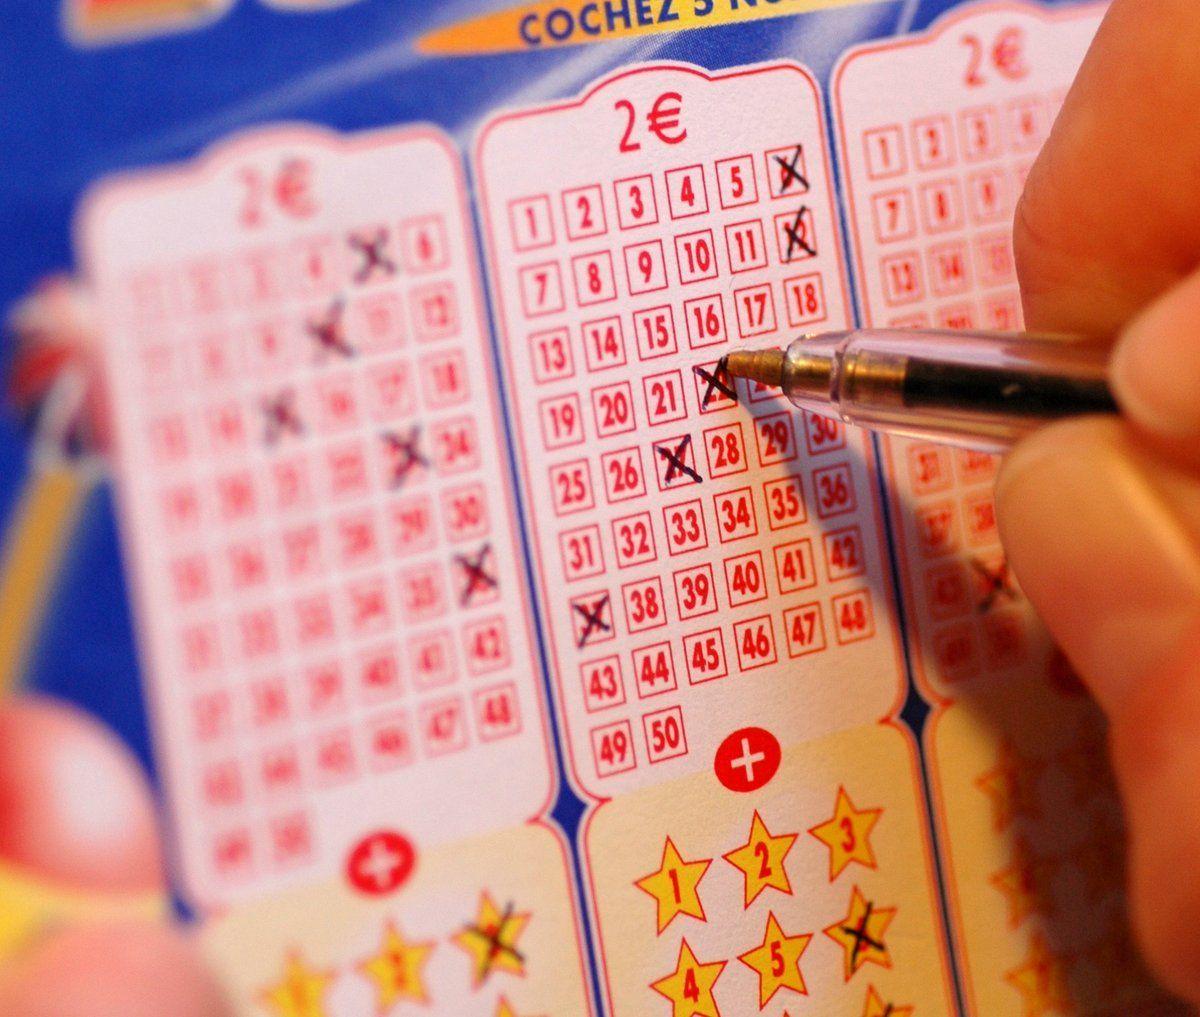 Playnow casino